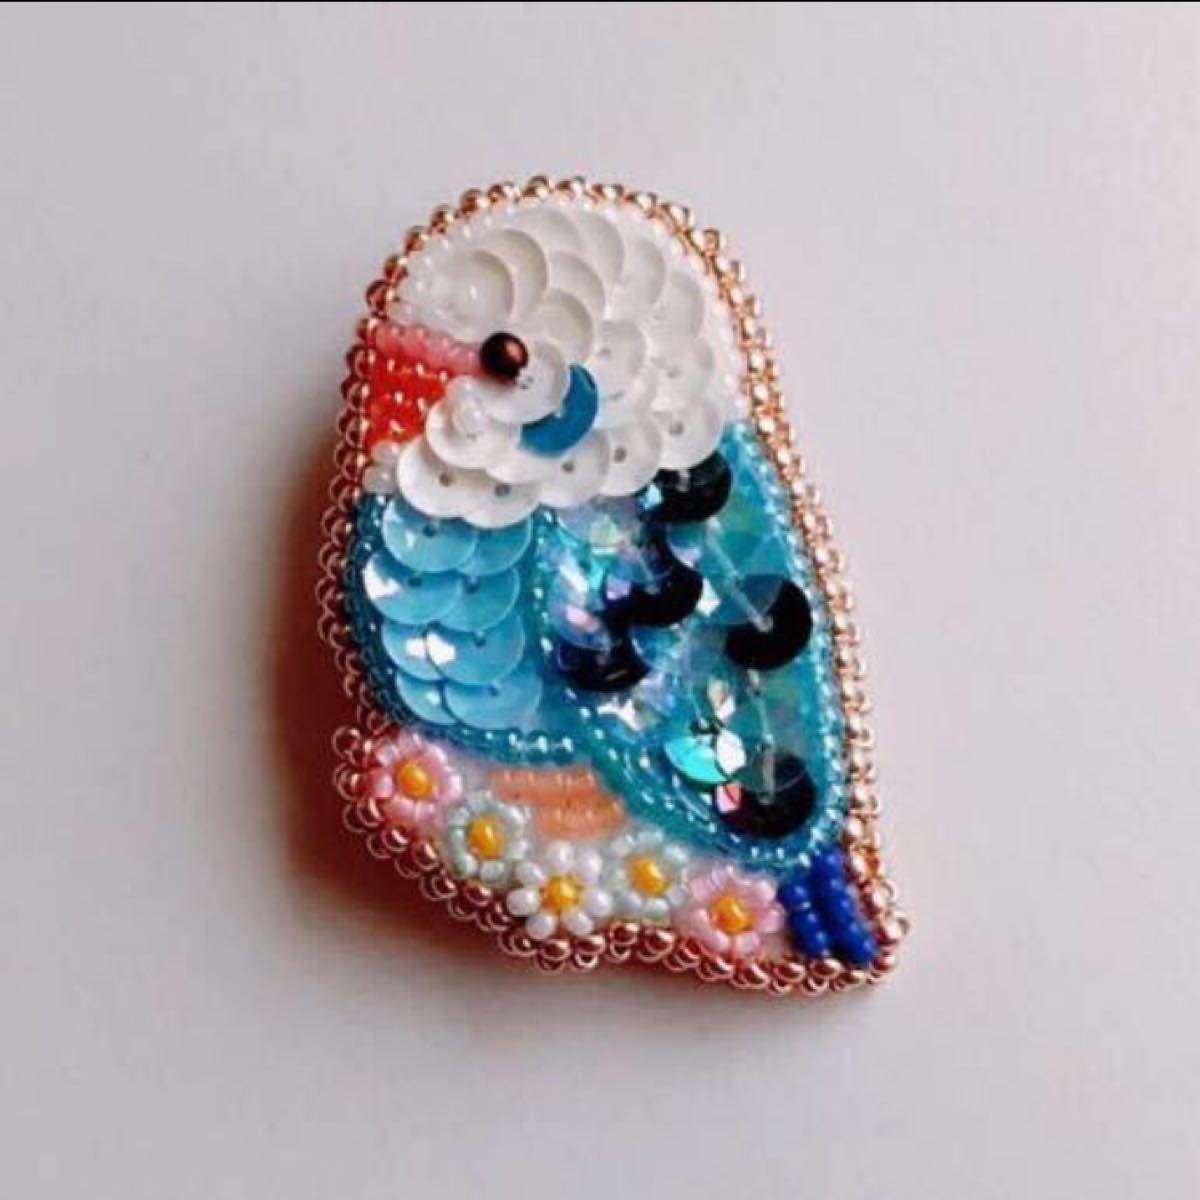 ハンドメイド ブローチ インコ 小鳥 鳥 雑貨 グッズ アクセサリー 刺繍 ビーズ 手作り スパンコール  花 セキセイインコ 青